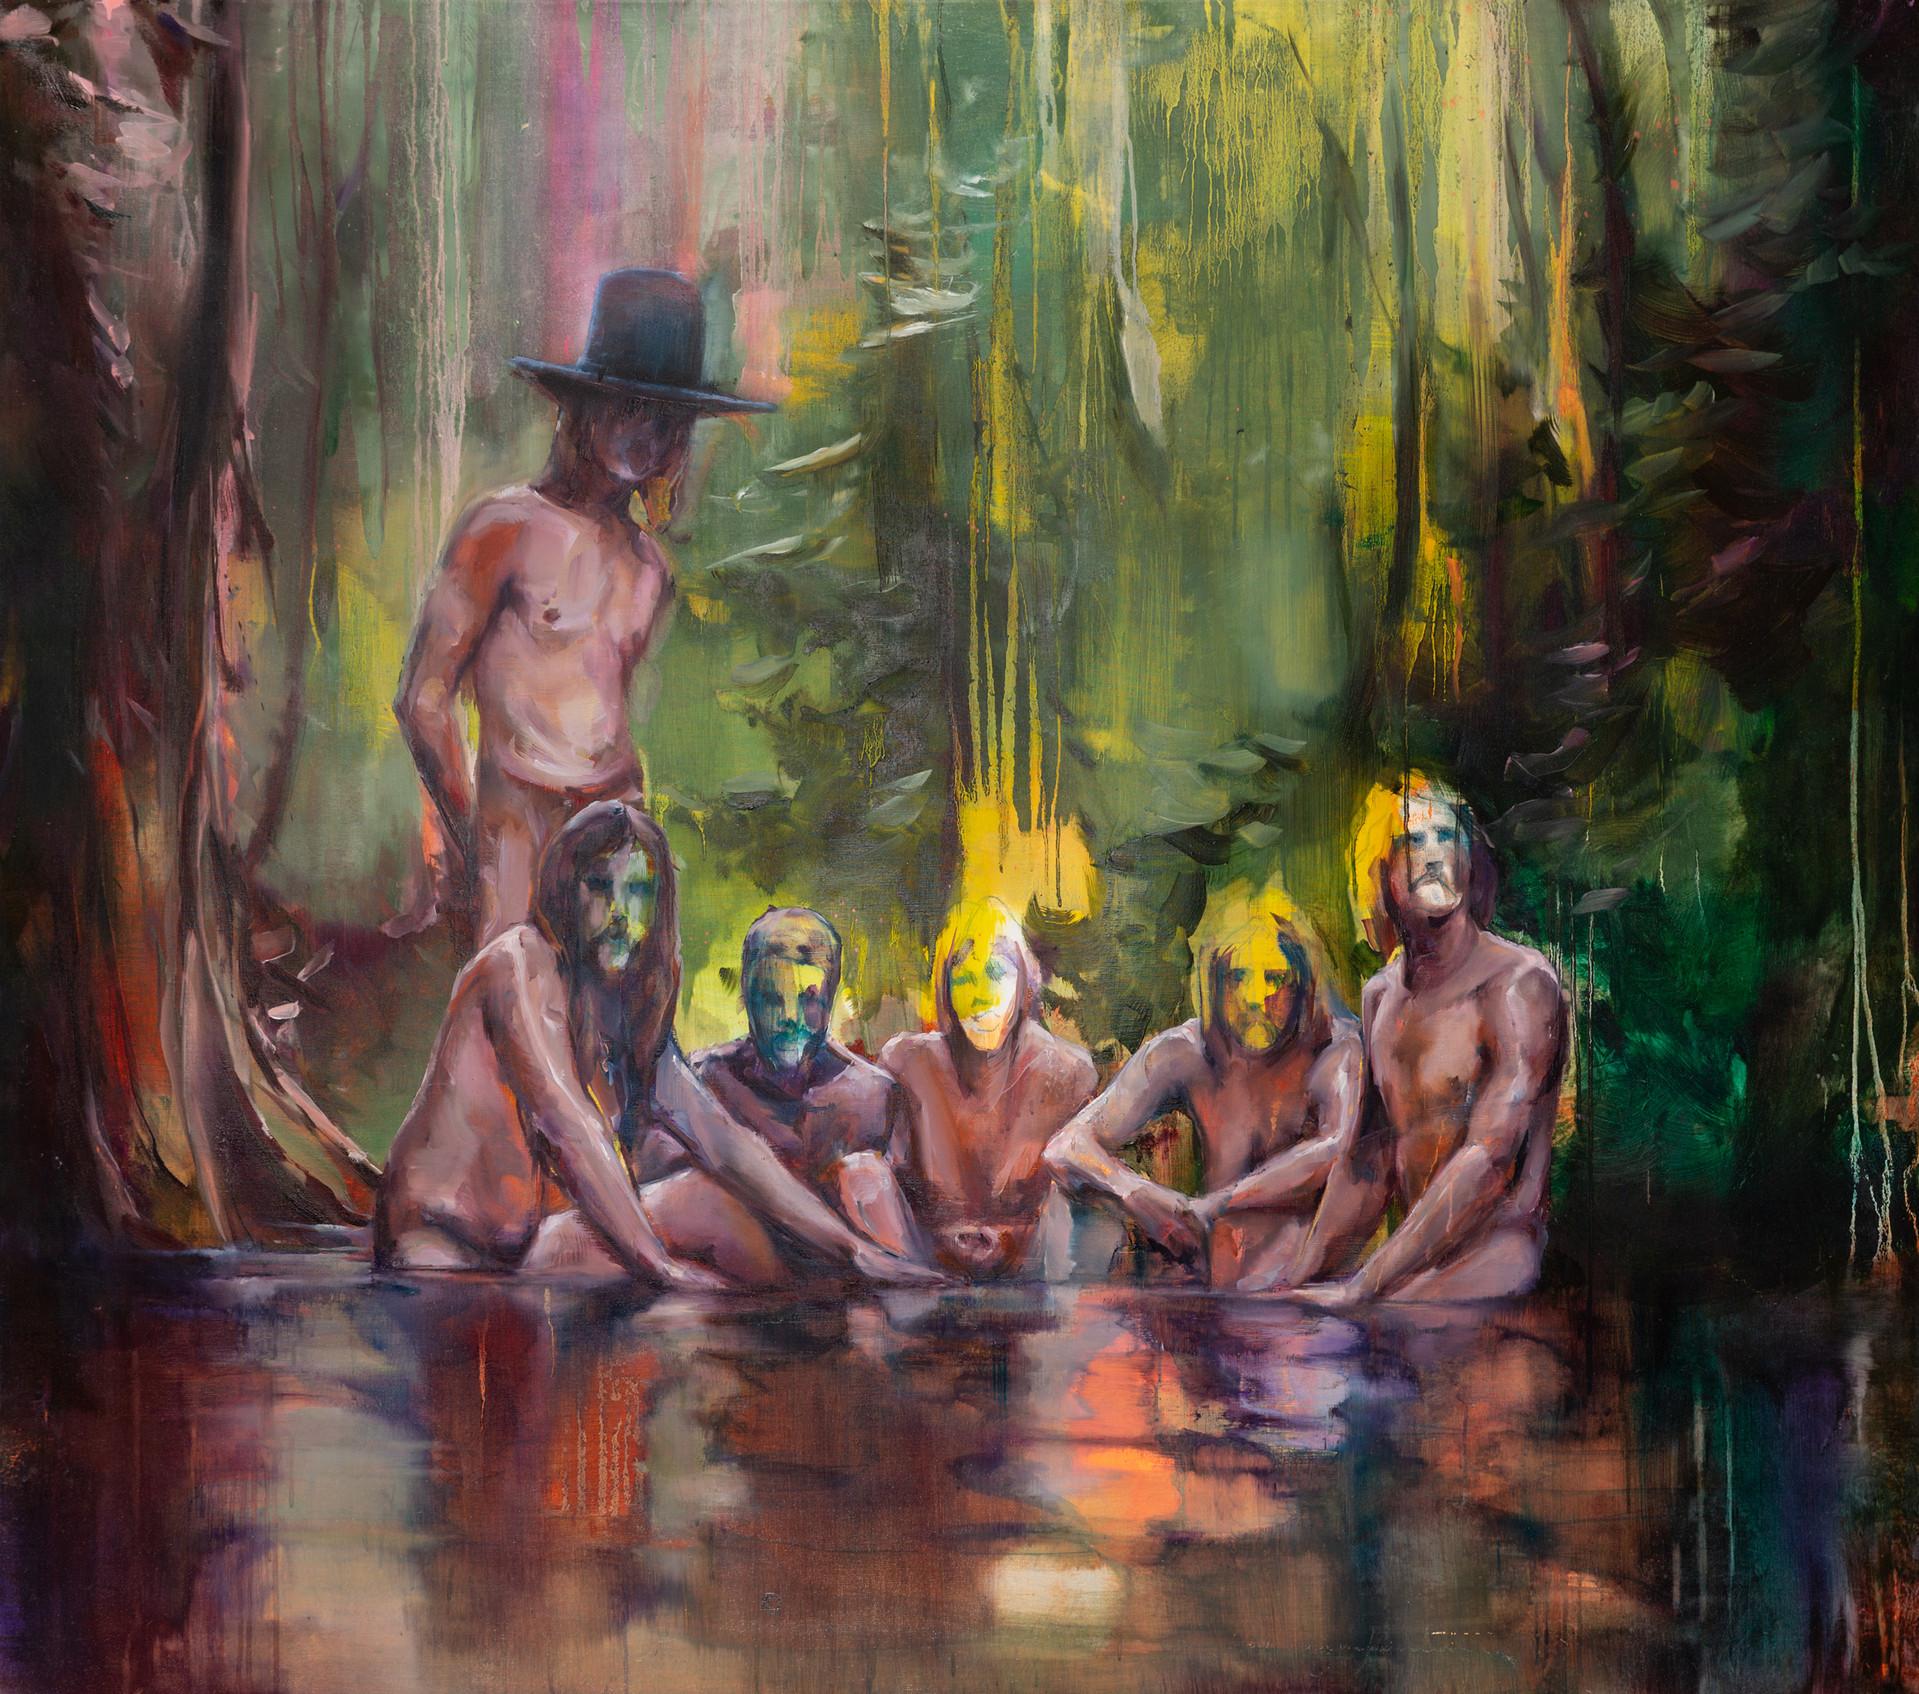 Burning men, 150 x 160 cm, oil on linen, 2018